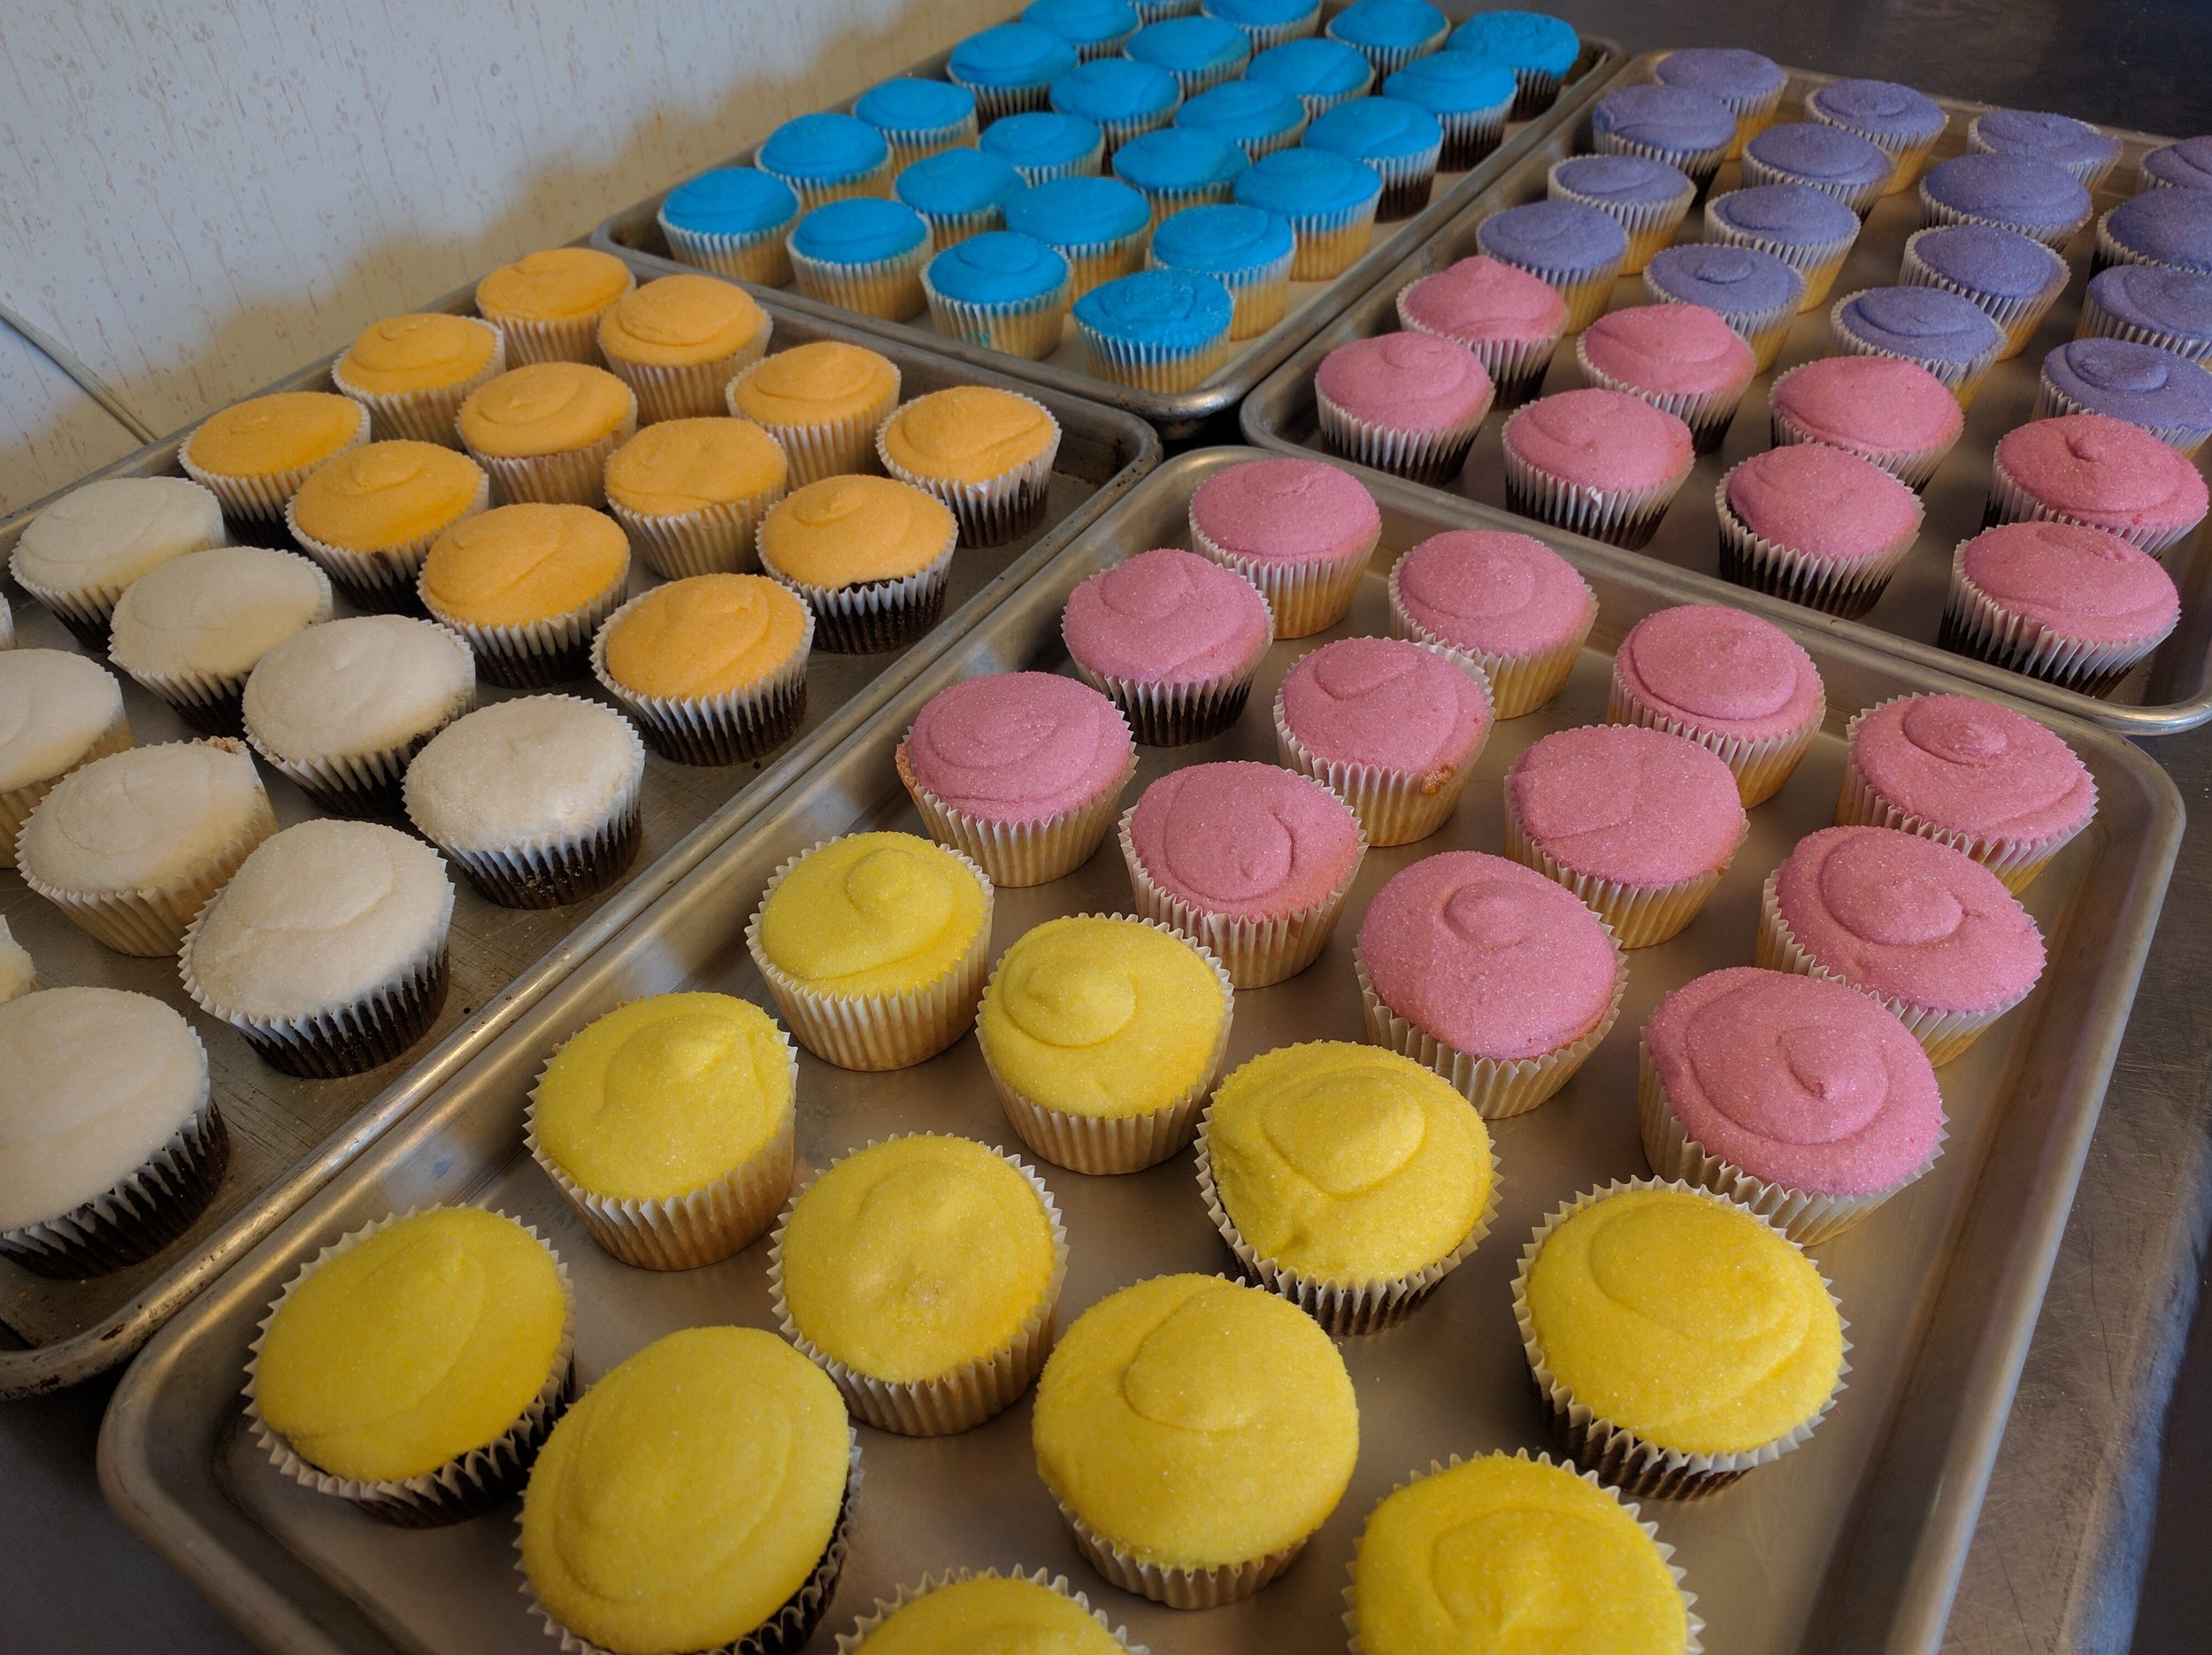 Bulk order cupcakes!